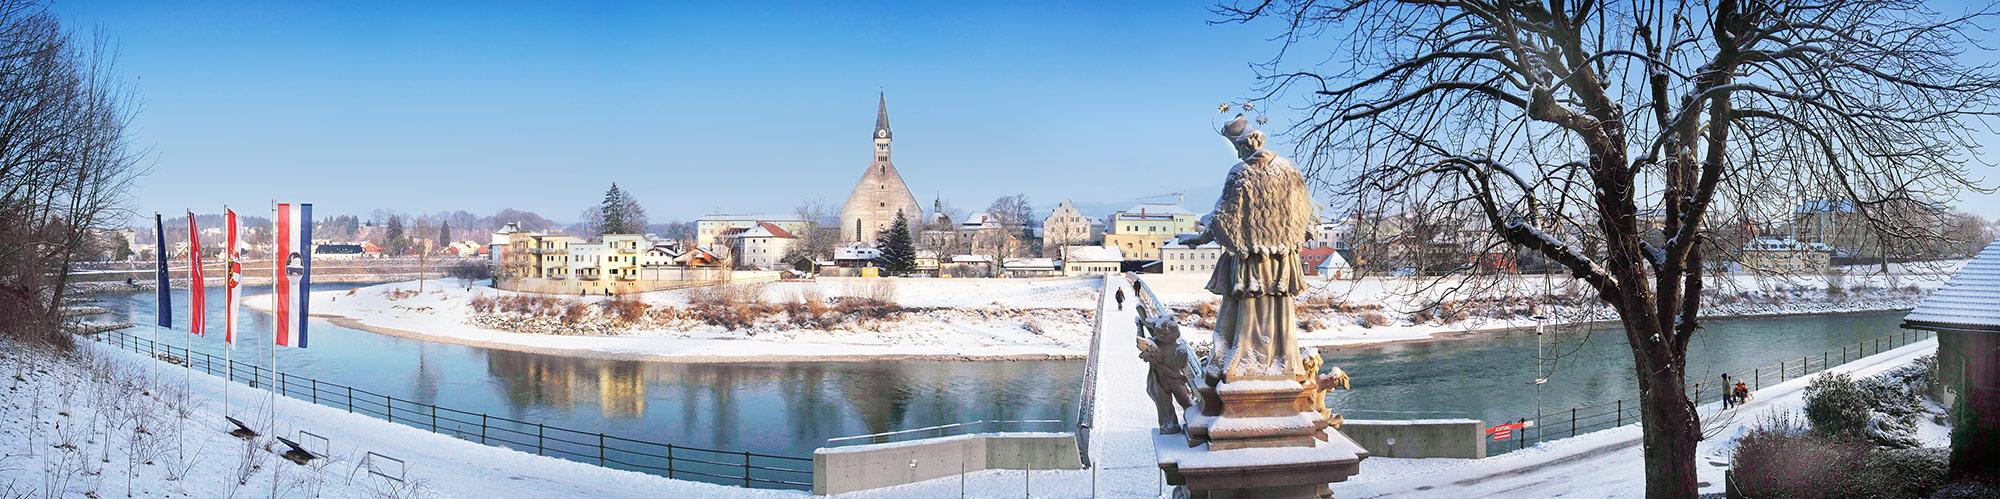 Winterspaziergang an der Salzach (3)